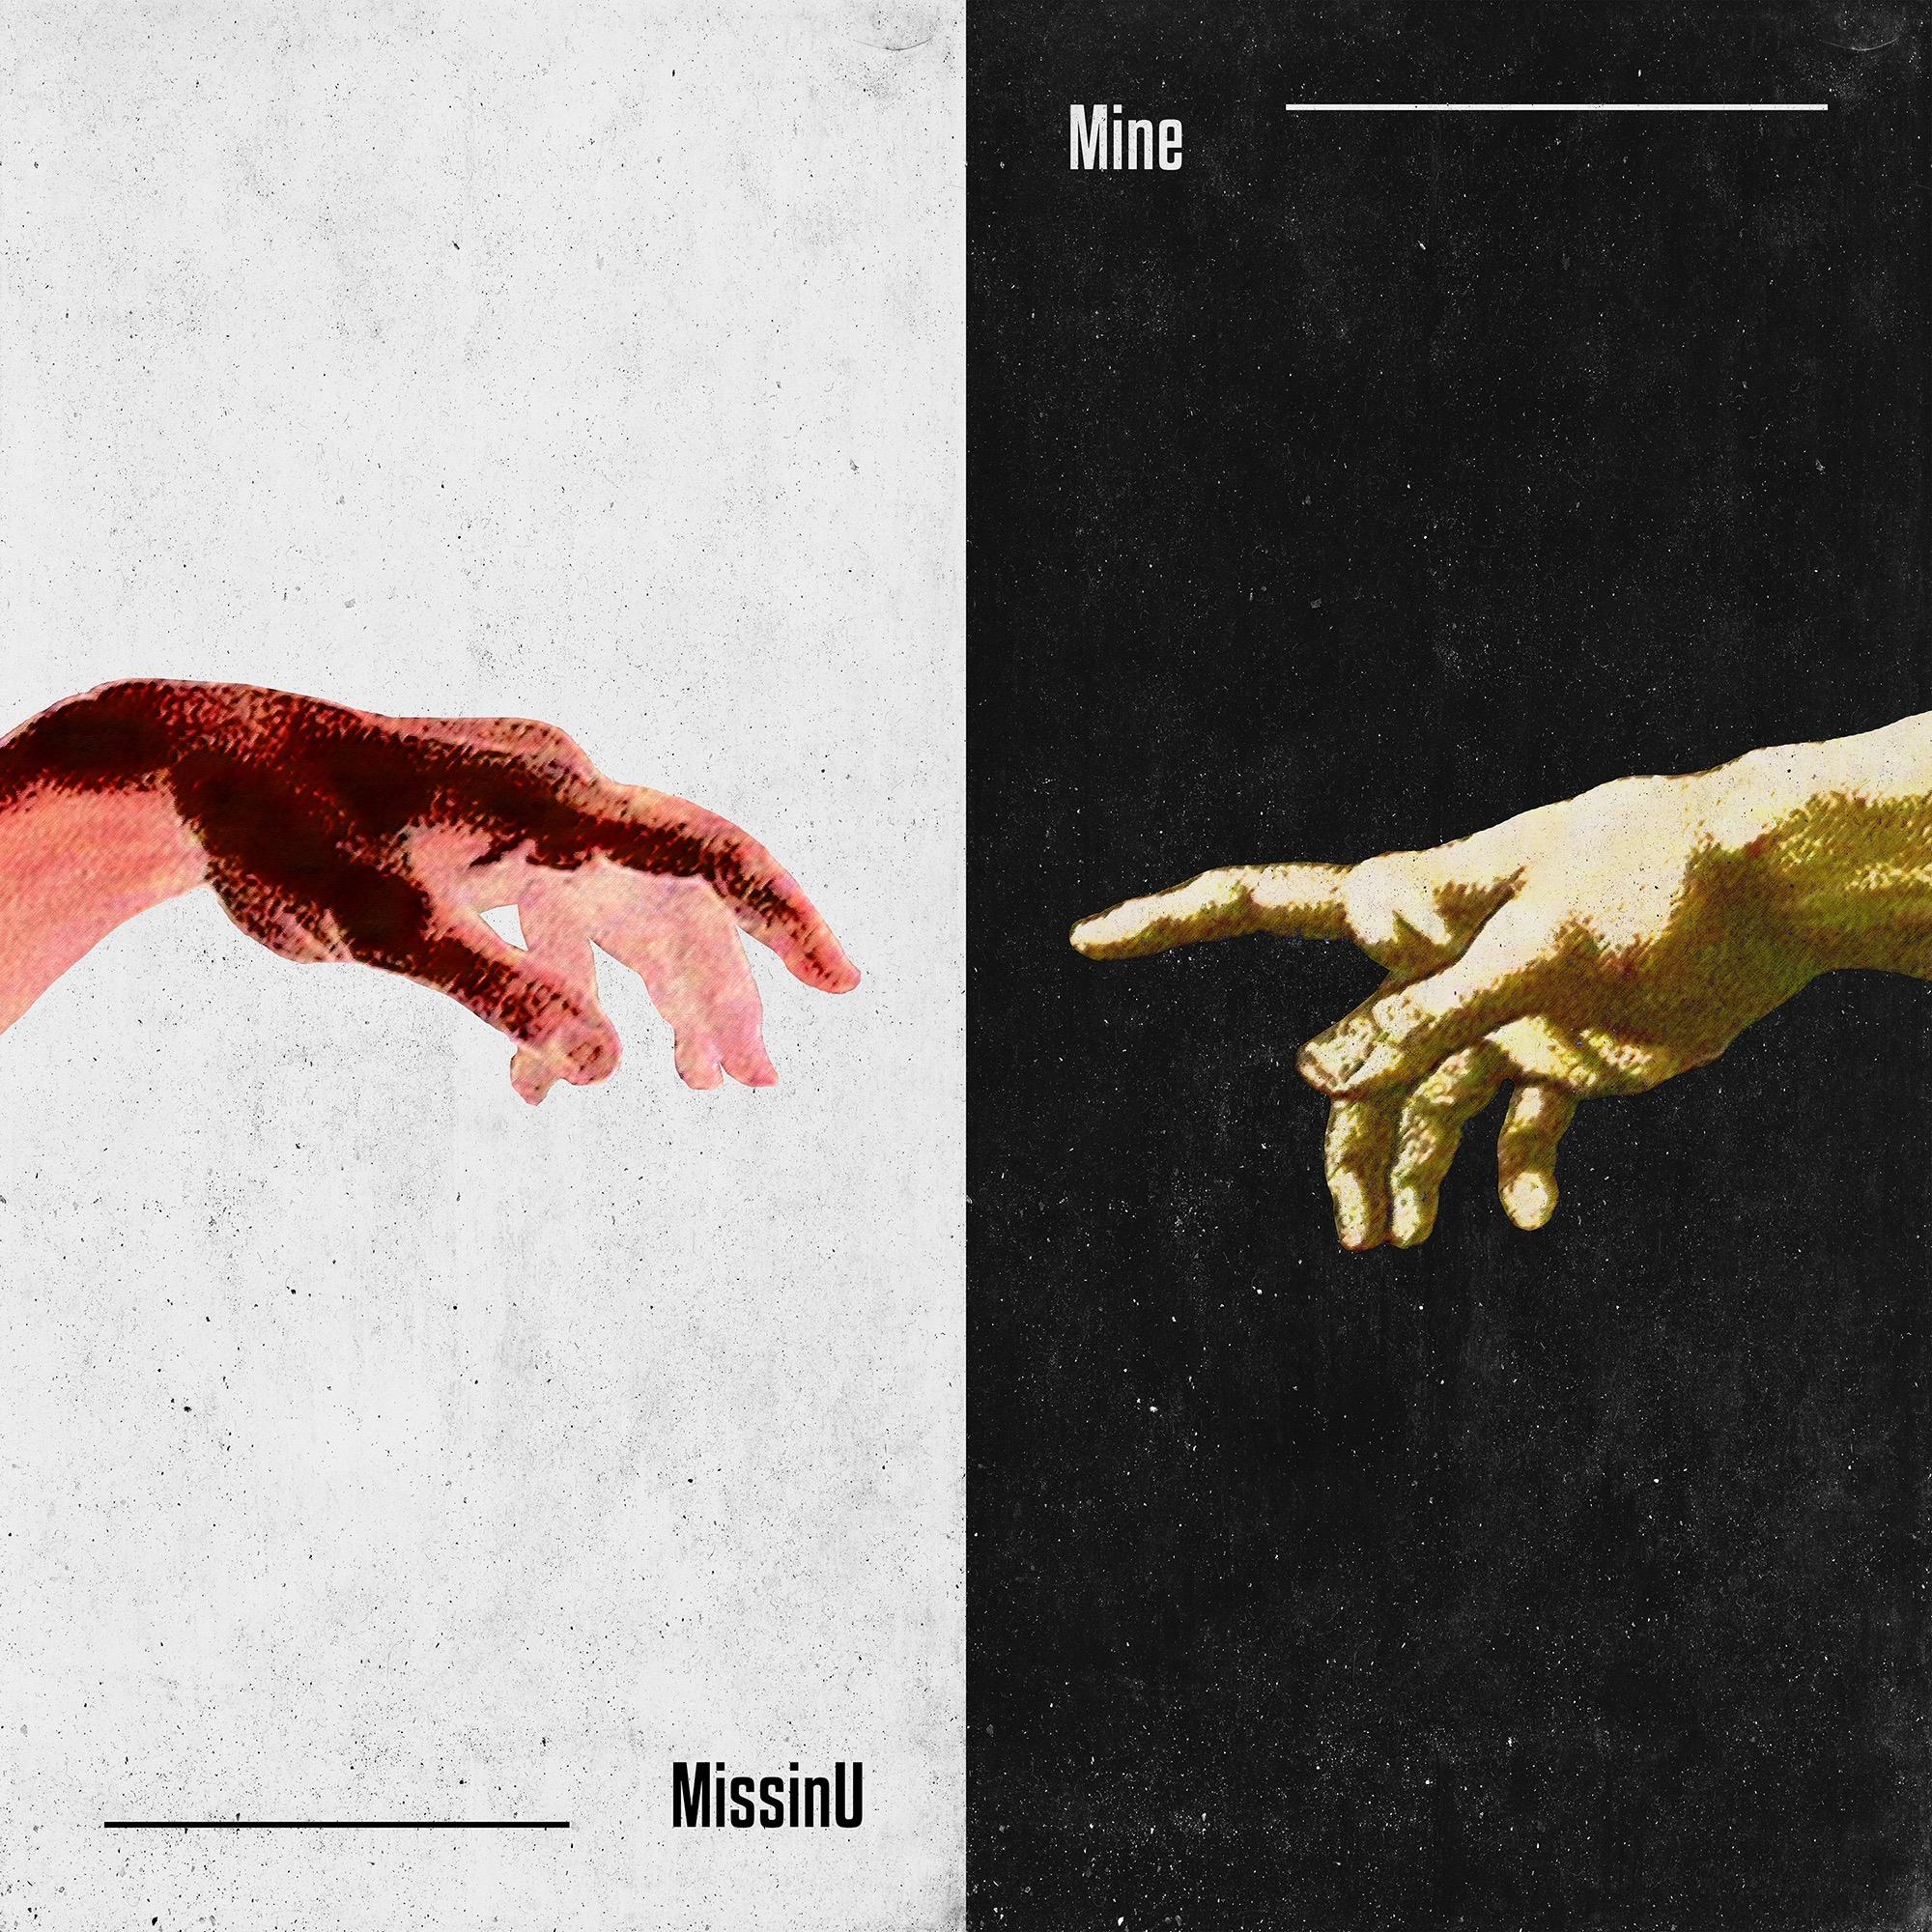 ARTWRK Missin' U / Mine Link Thumbnail | Linktree